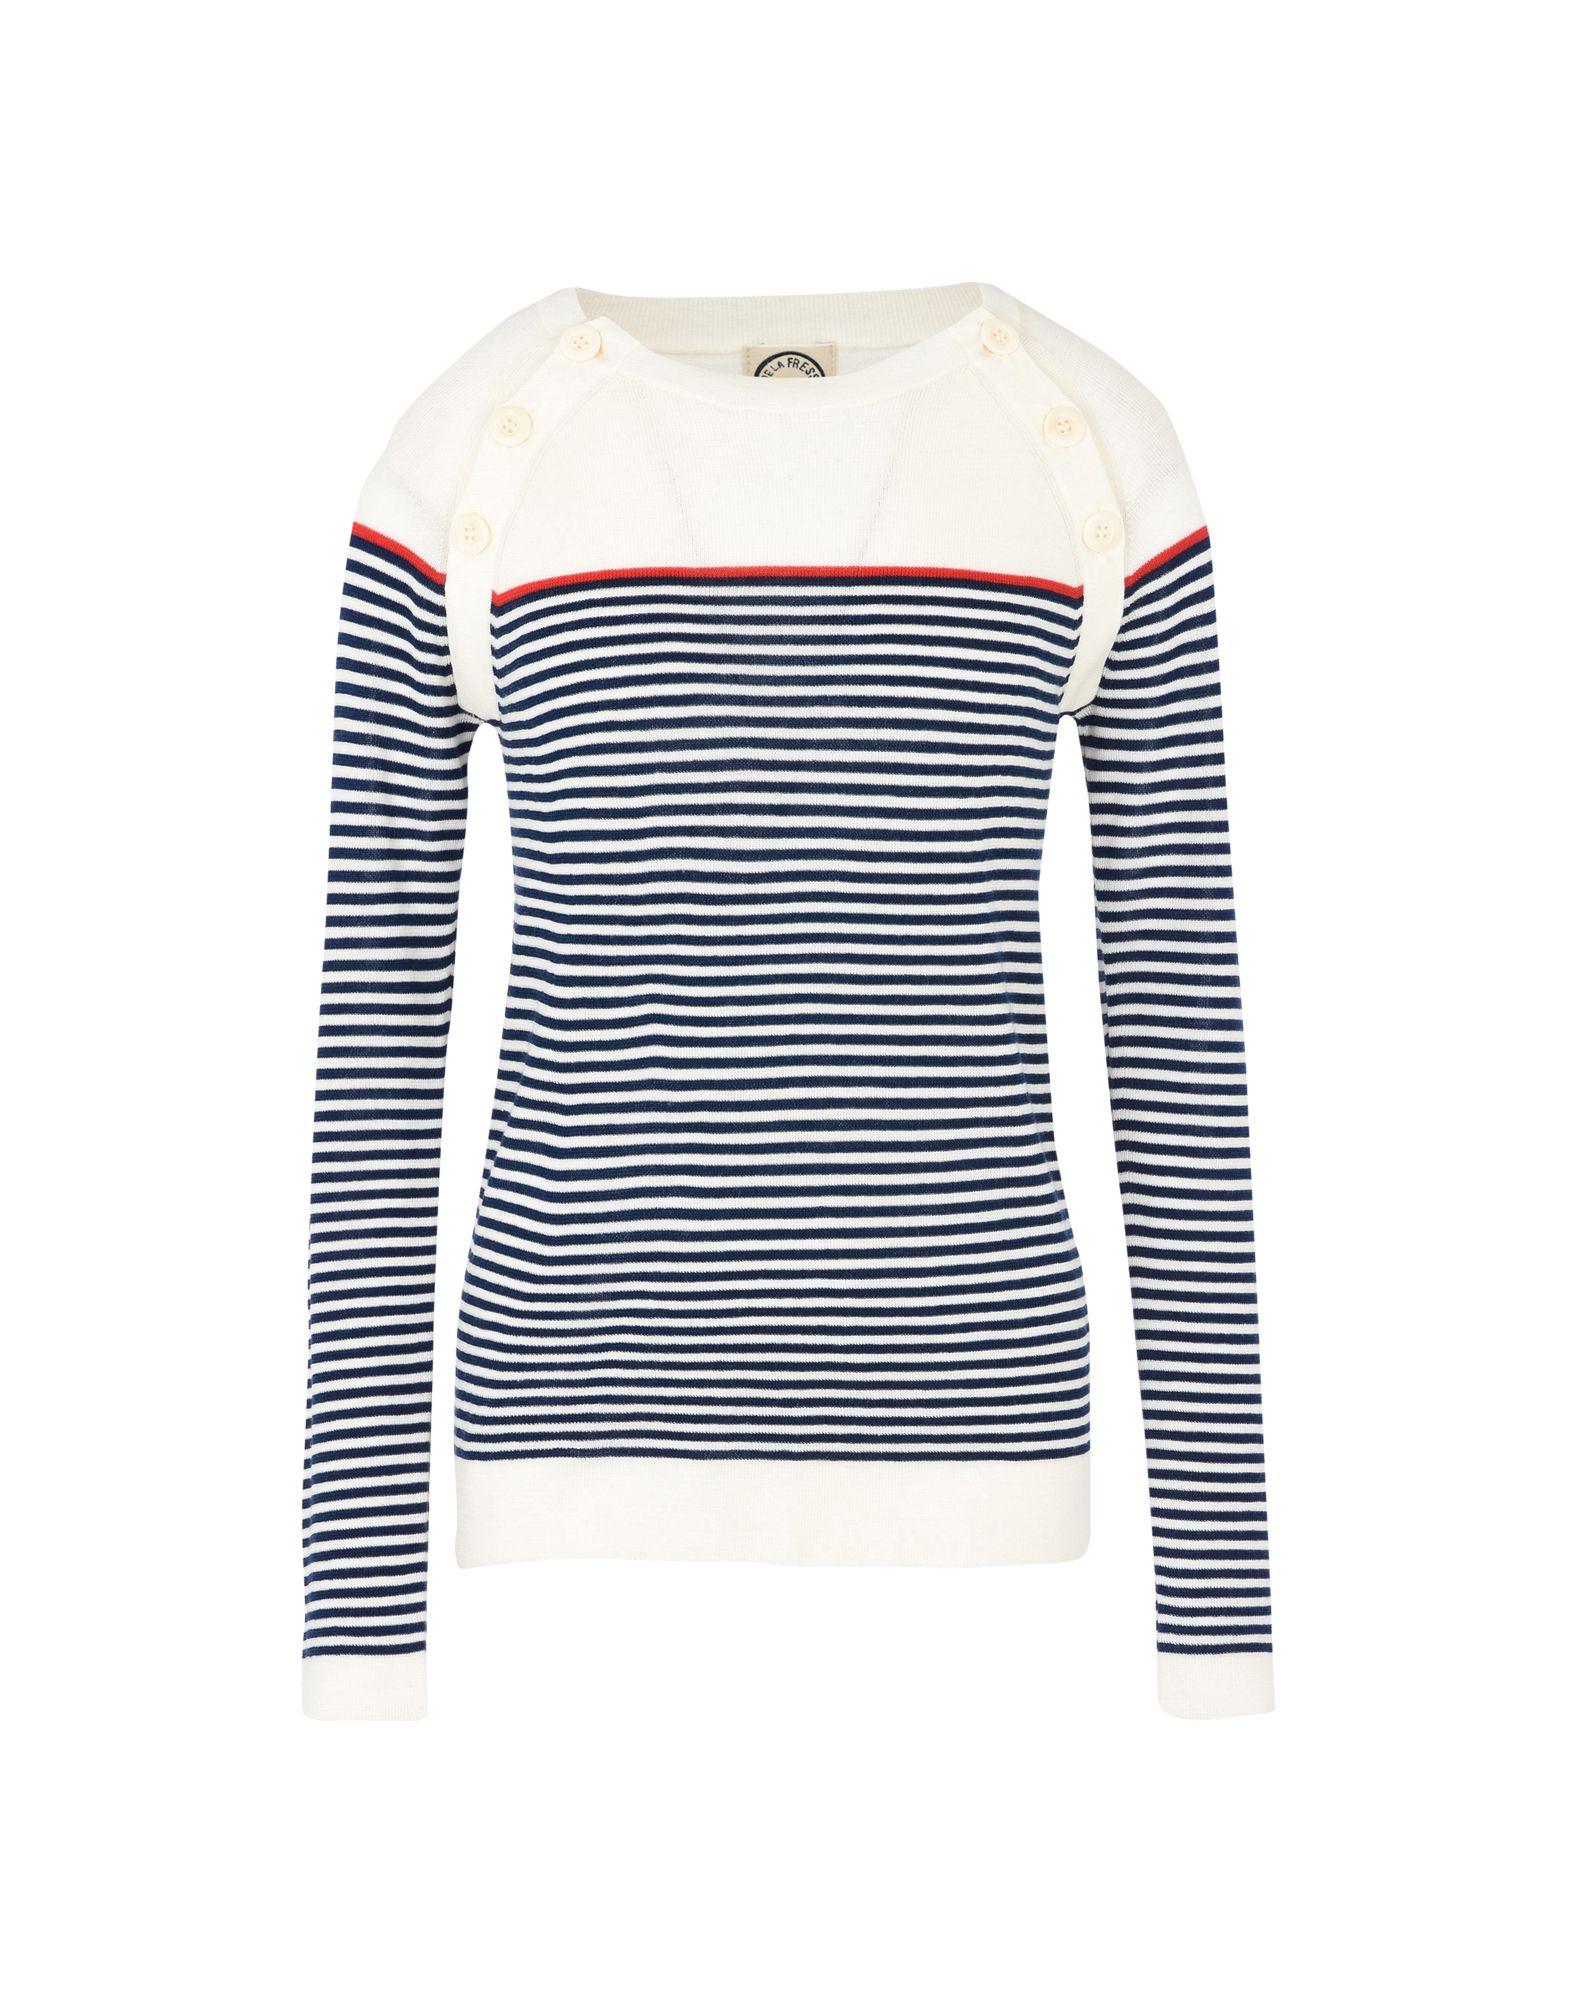 INES DE LA FRESSANGE Sweater in Ivory